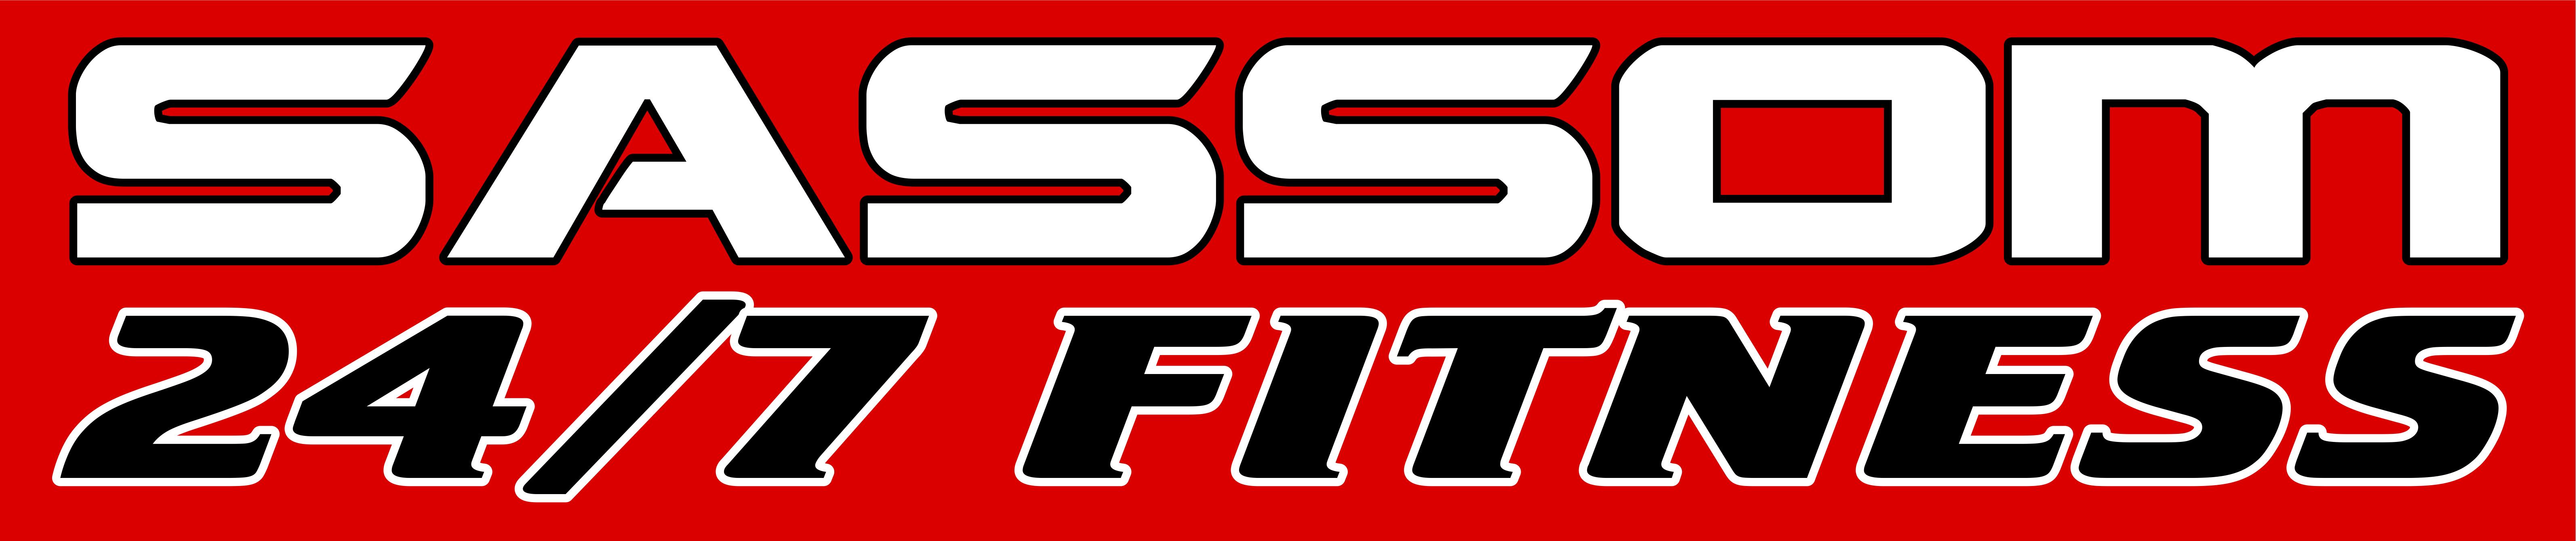 24/7 Gym Membership